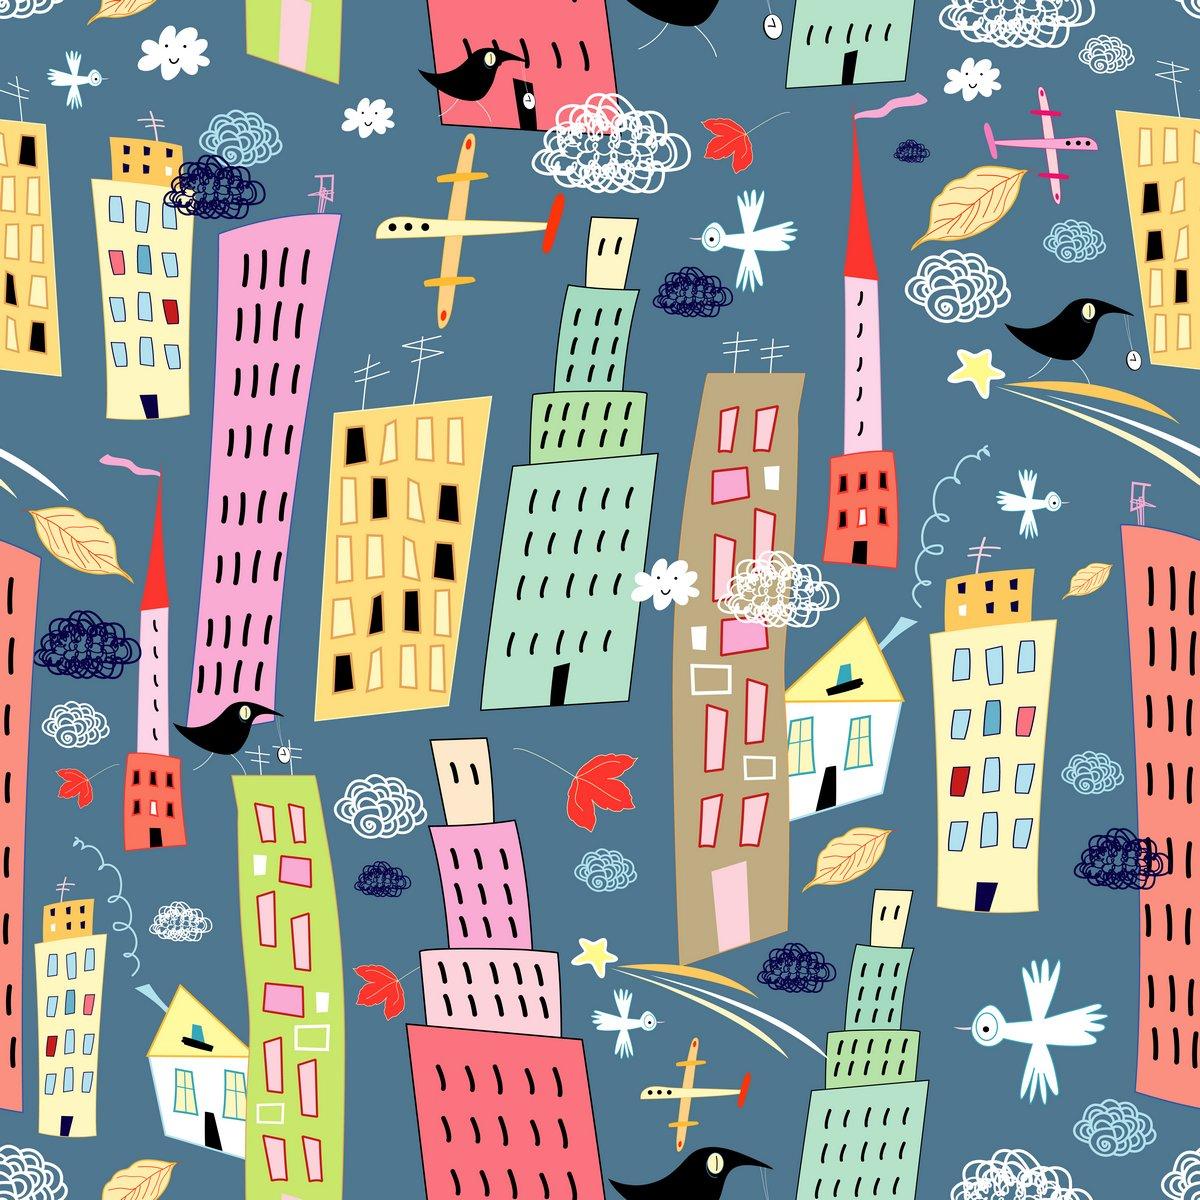 Постер Разные детские постеры Фактура весело домРазные детские постеры<br>Постер на холсте или бумаге. Любого нужного вам размера. В раме или без. Подвес в комплекте. Трехслойная надежная упаковка. Доставим в любую точку России. Вам осталось только повесить картину на стену!<br>